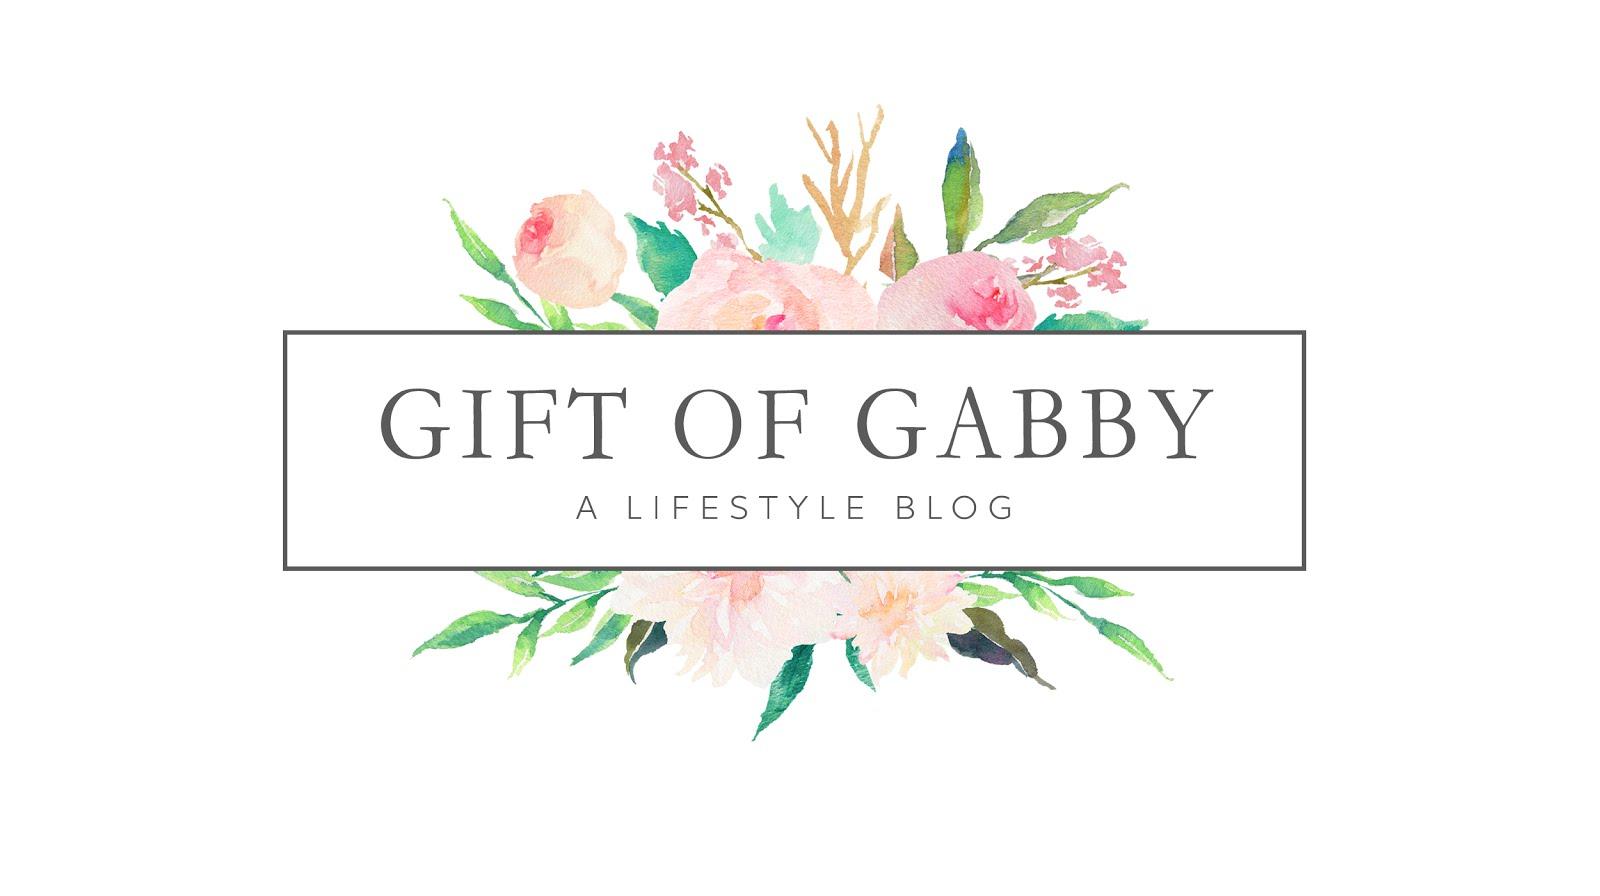 Gift of Gabby